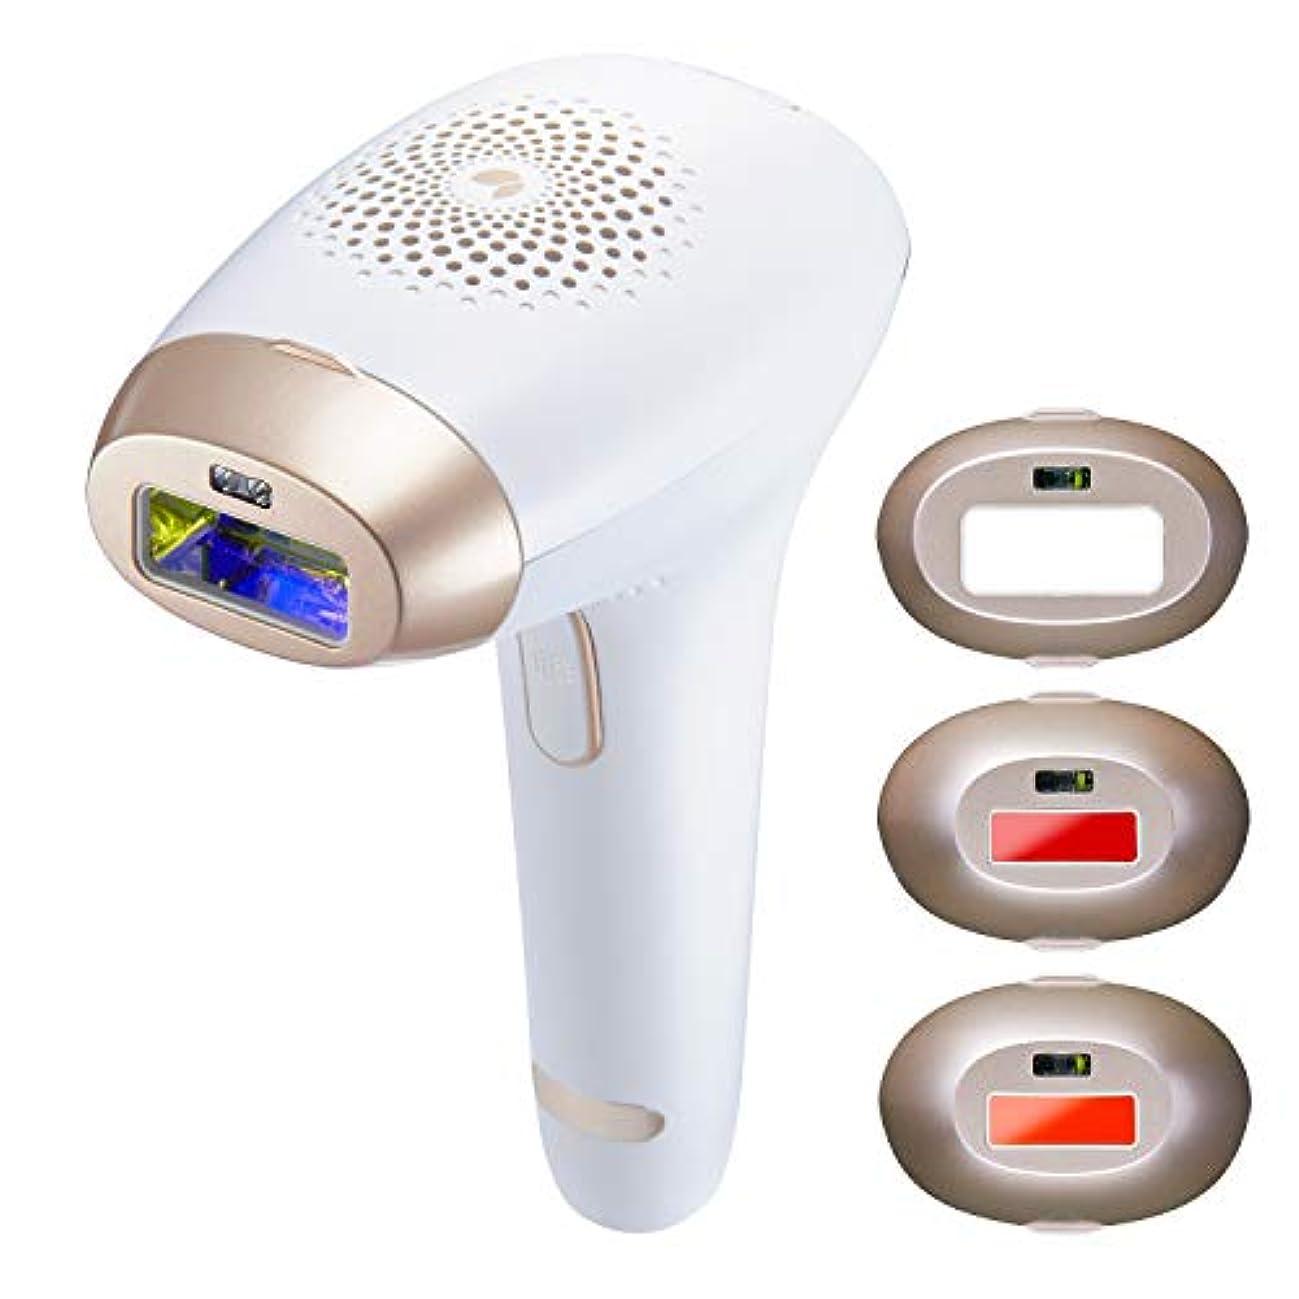 オーバーコートにんじん包囲COSBEAUTY IPL光美容器 Joy Version CB-027-W01 30万回照射 1年保証 コスビューティー パーフェクトスムース